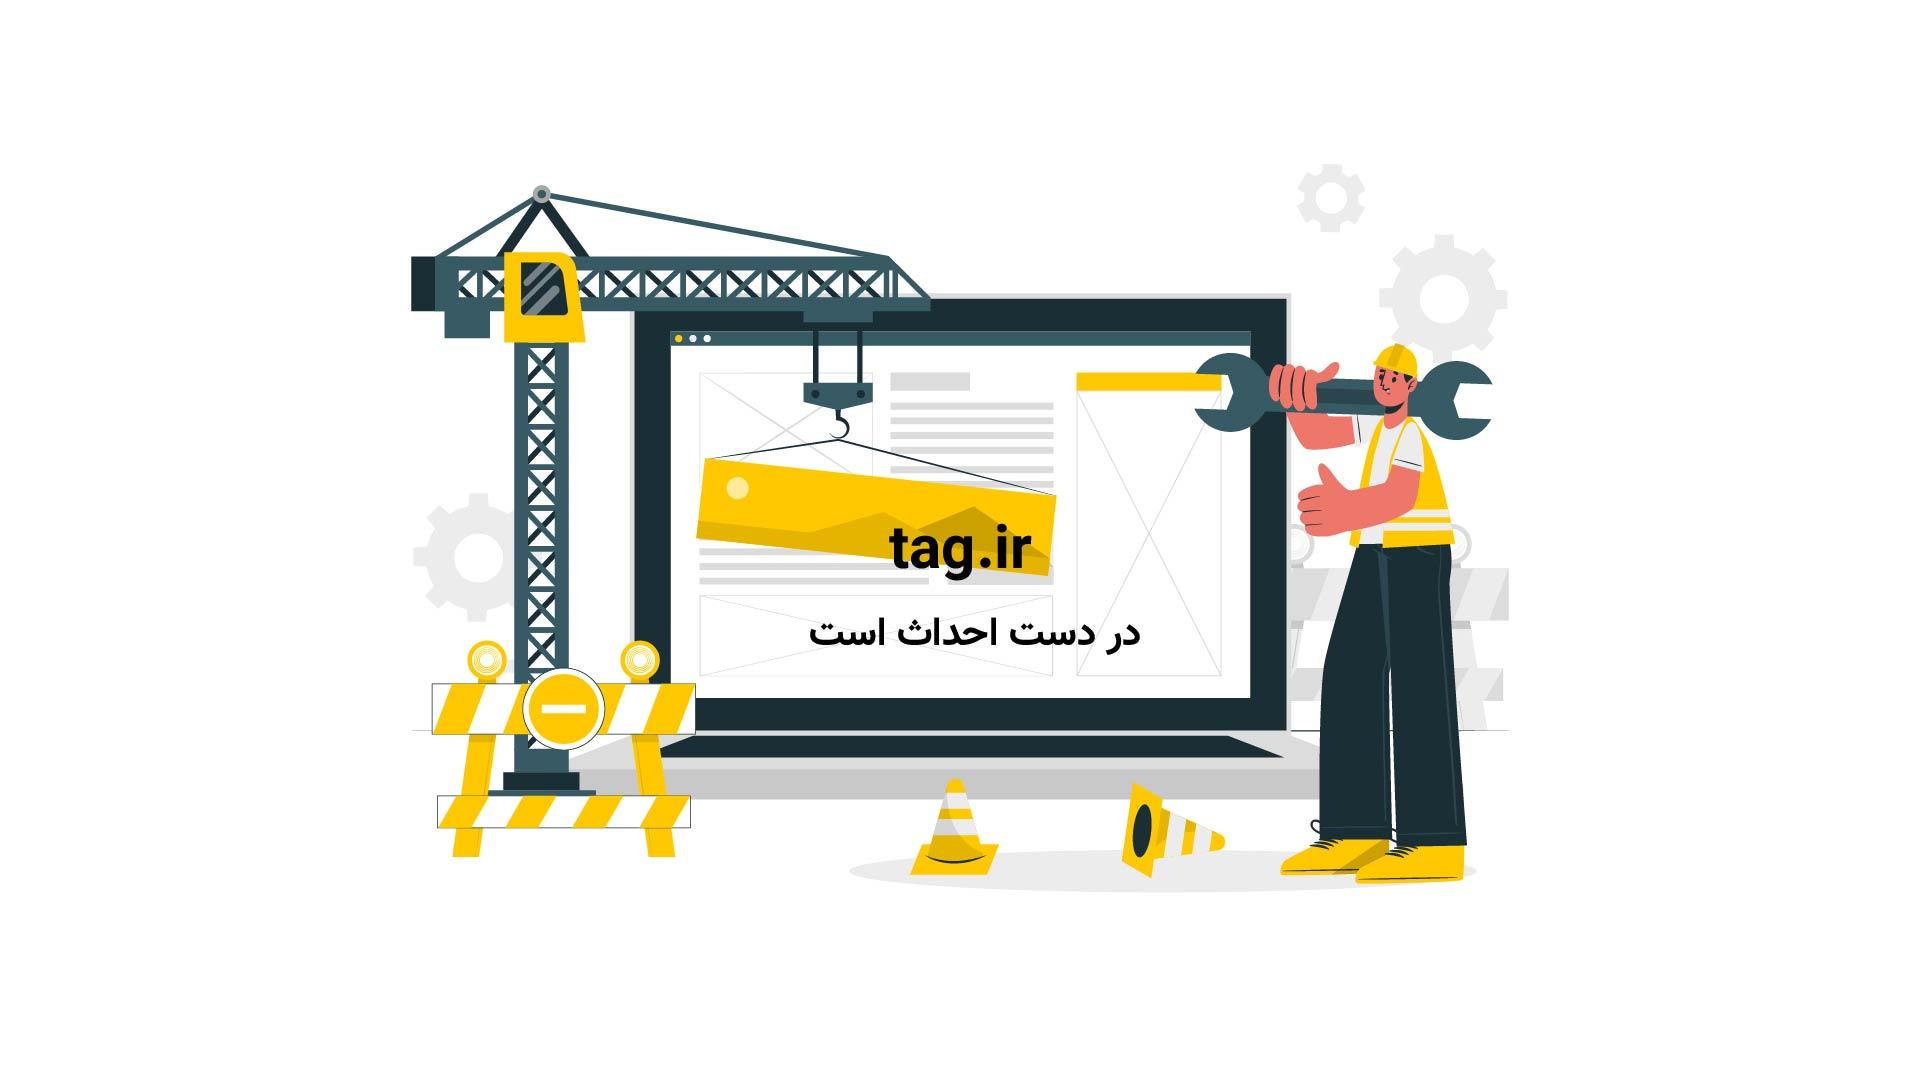 مسجد تاریخانه در شهر دامغان | فیلم